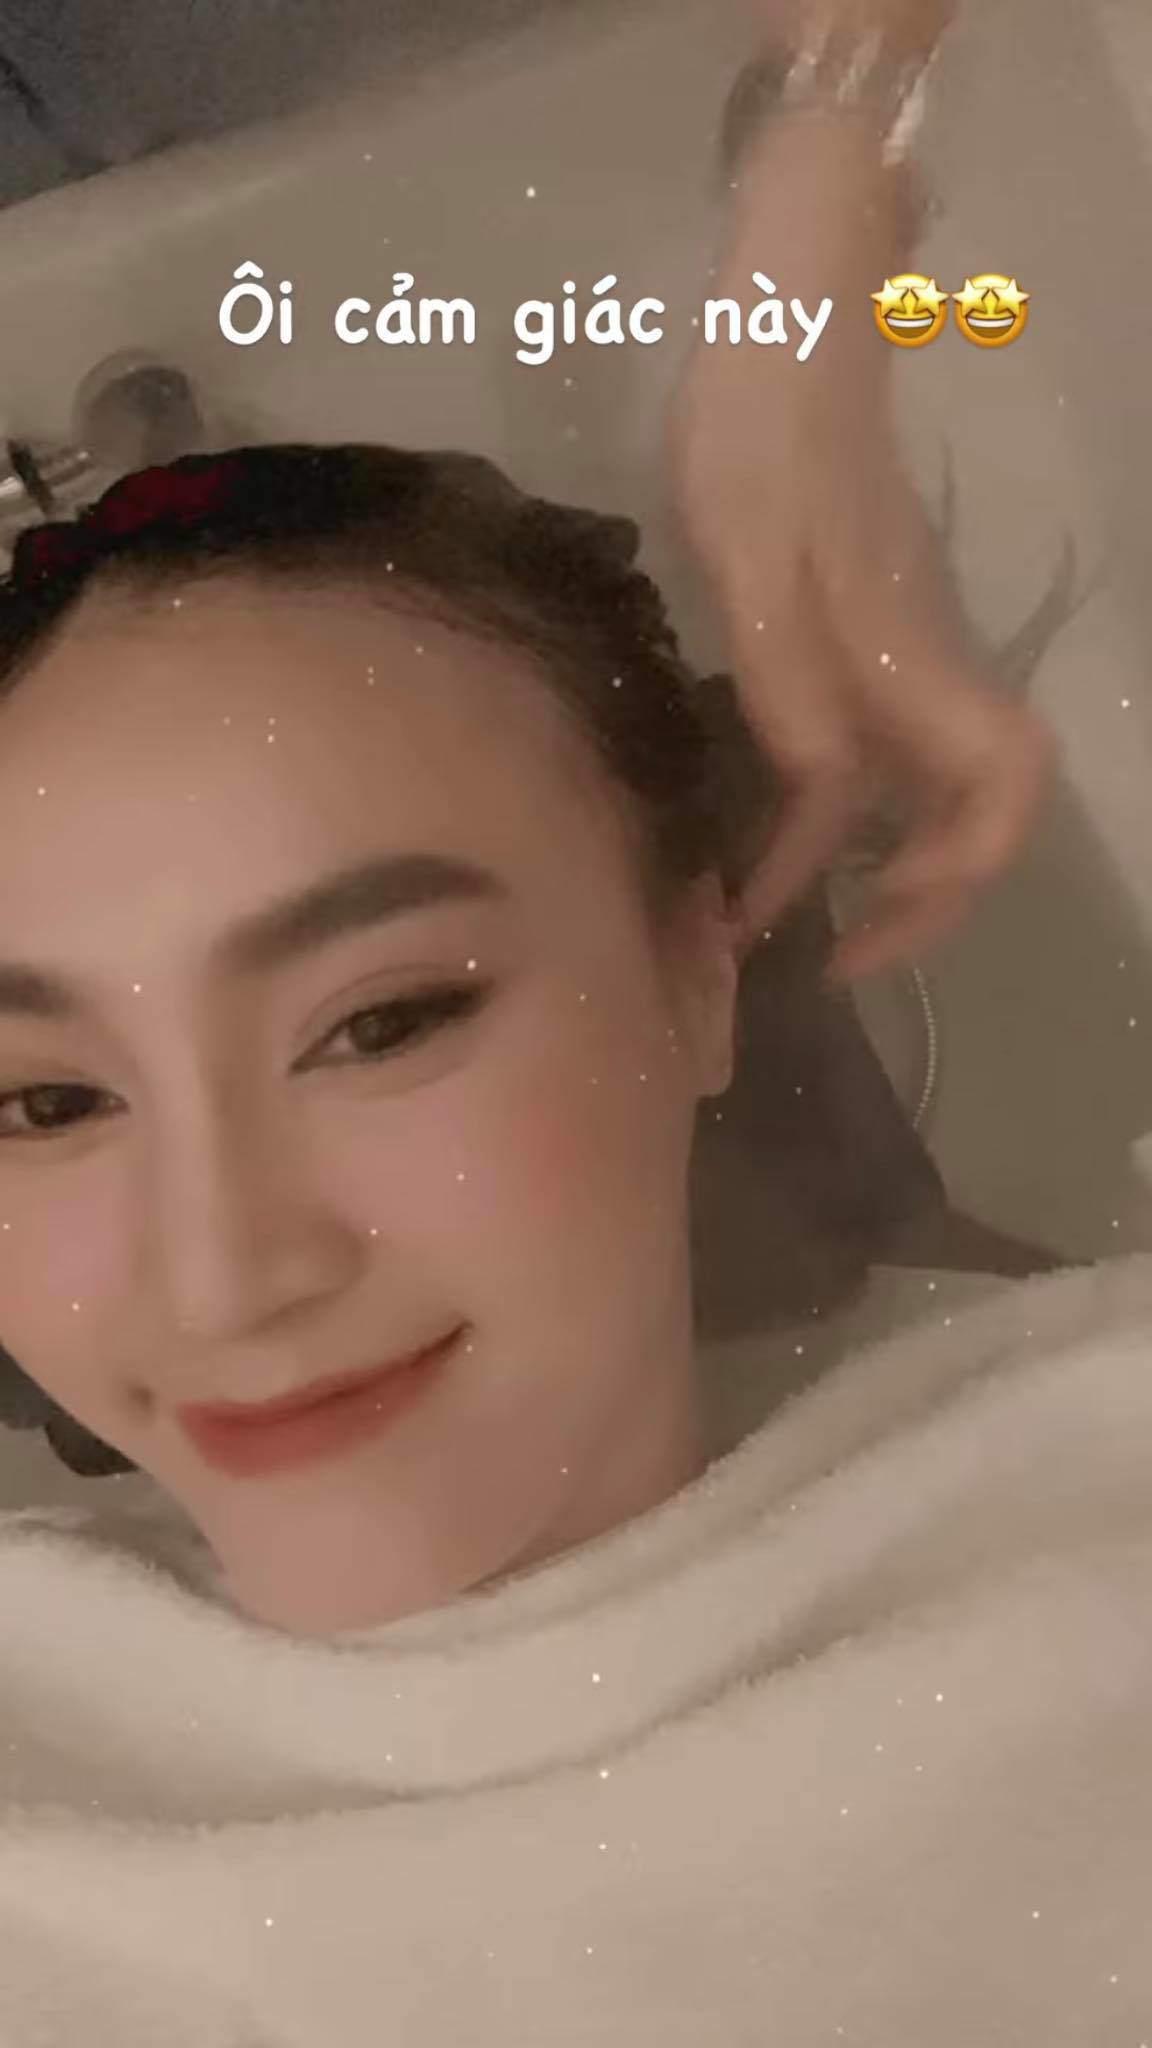 Sao Việt tưng bừng check in khoe tóc nhân ngày amp;#34;bình thường mớiamp;#34;, chất nhất gọi tên Tóc Tiên - 5